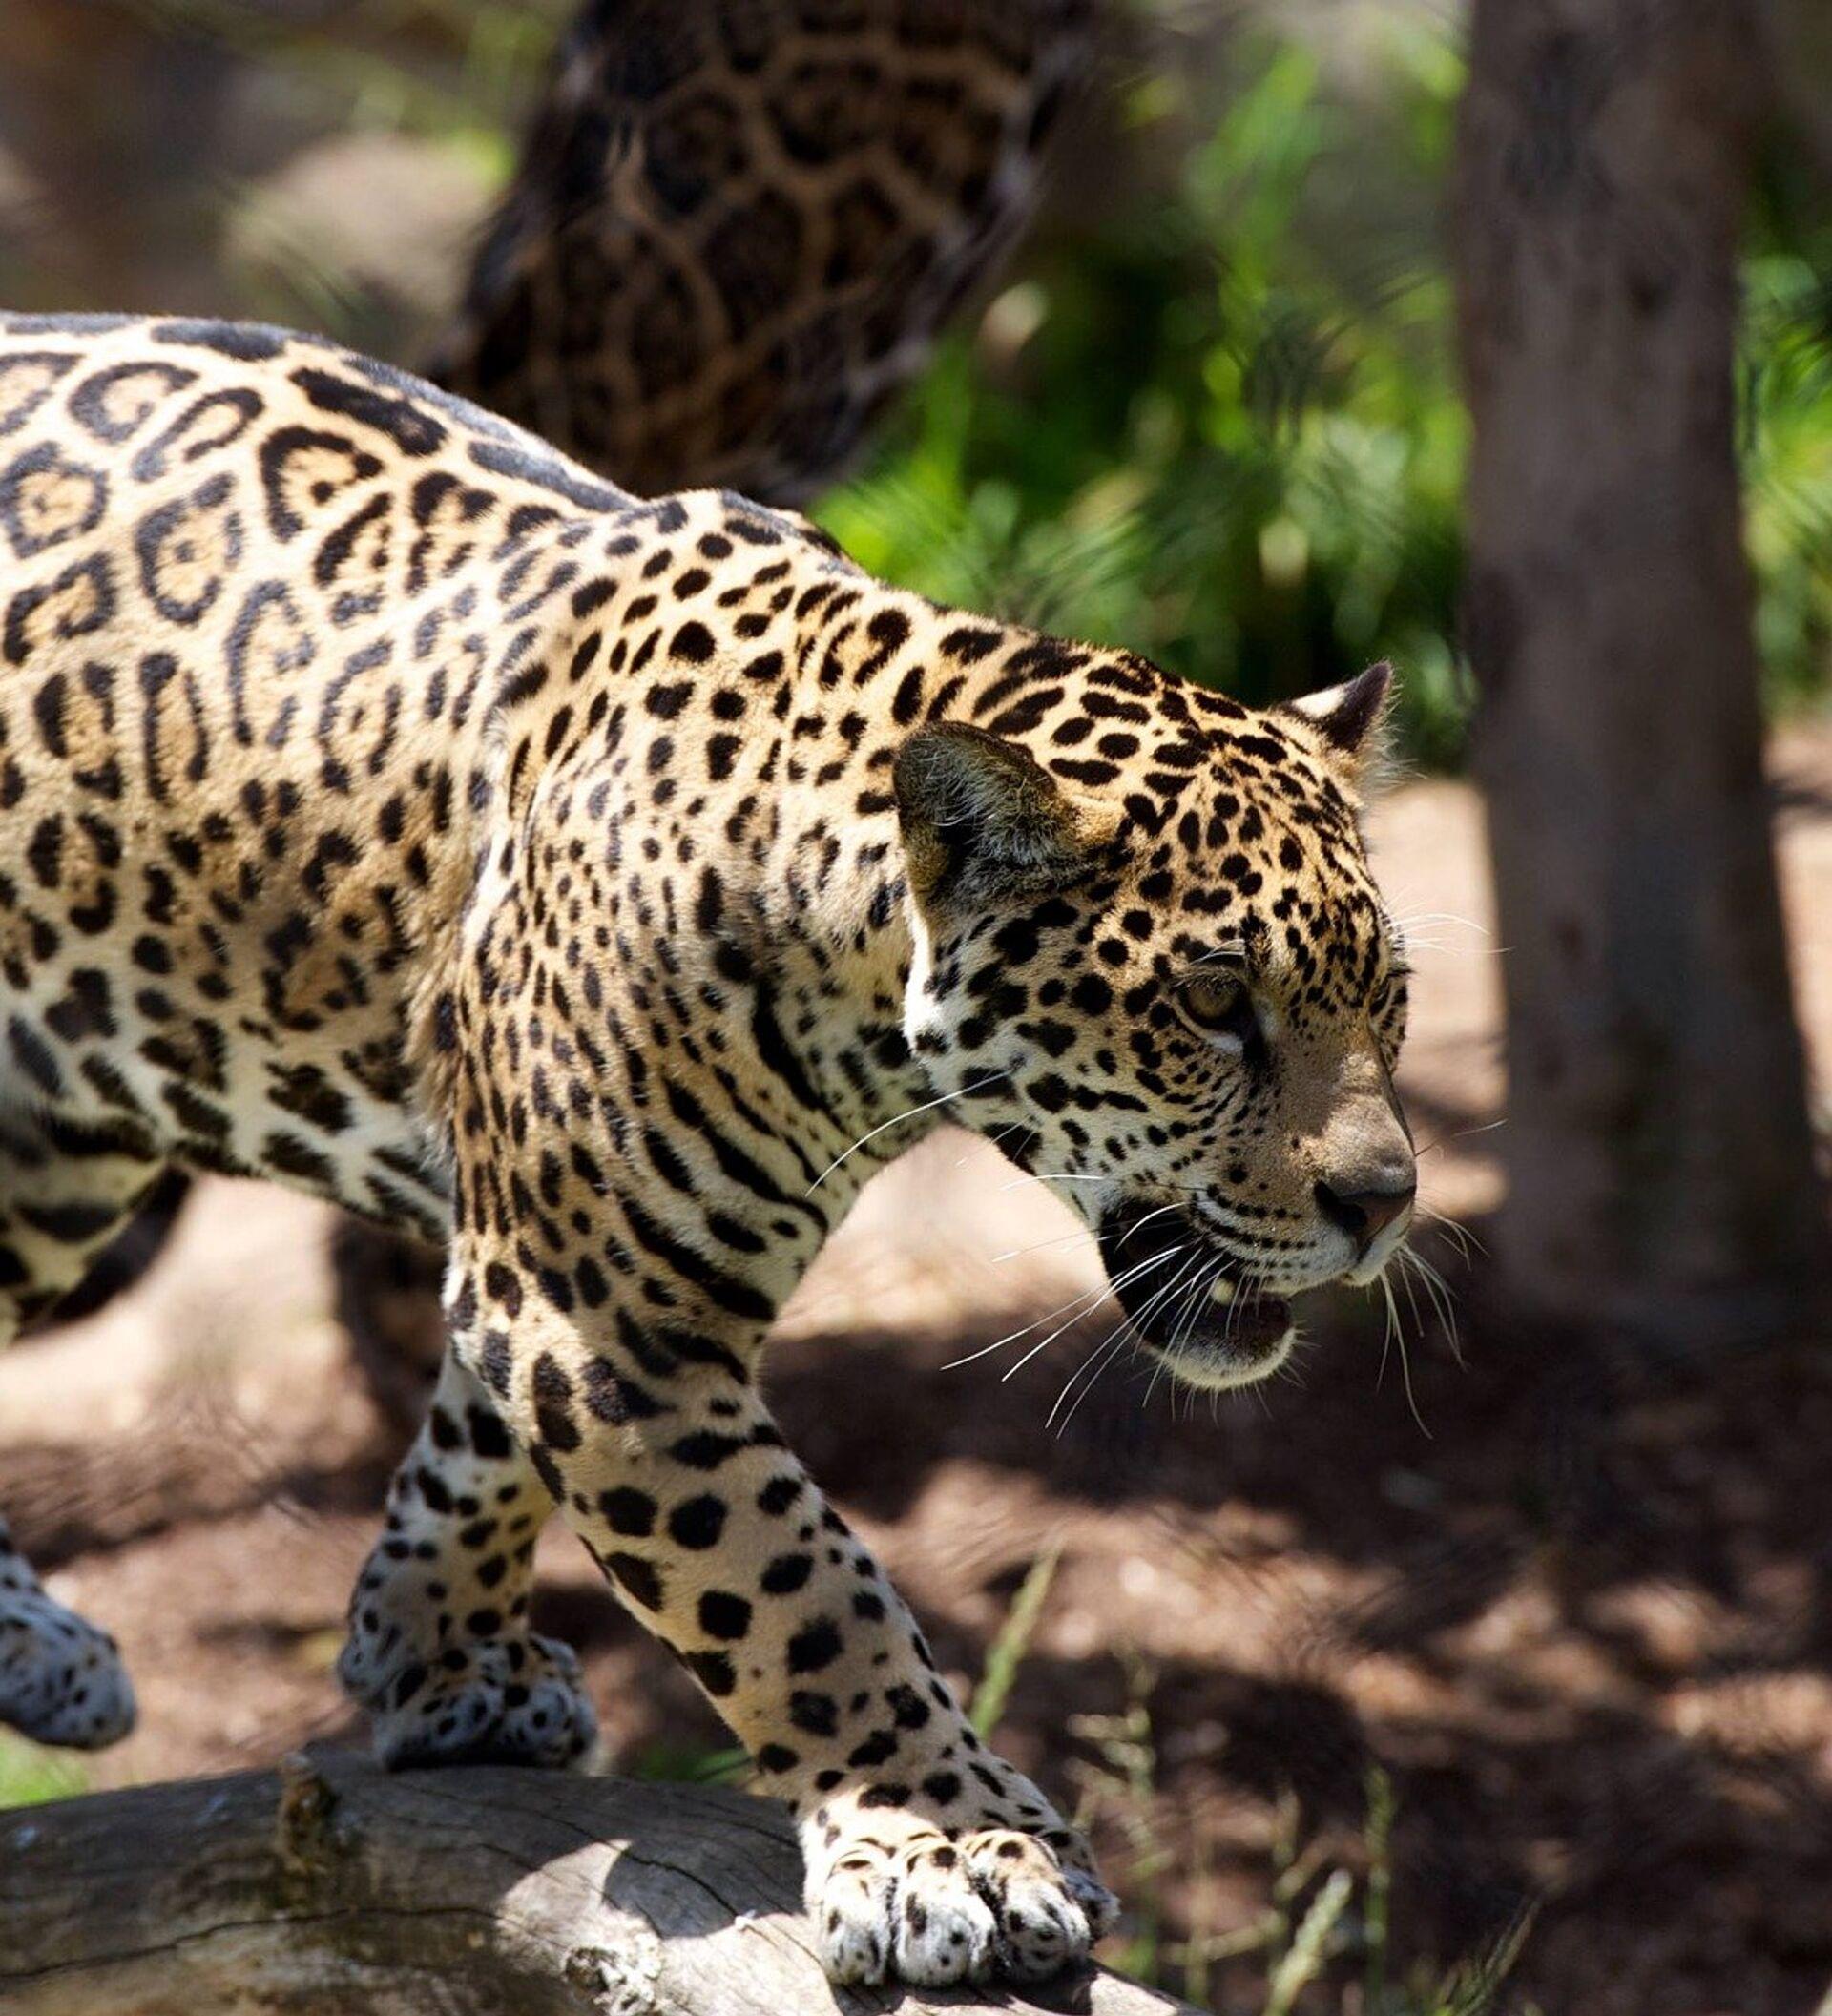 Una Madre Leopardo Del Amur Da A Sus Crías Una Clase De Supervivencia Vídeo 24 09 2018 Sputnik Mundo